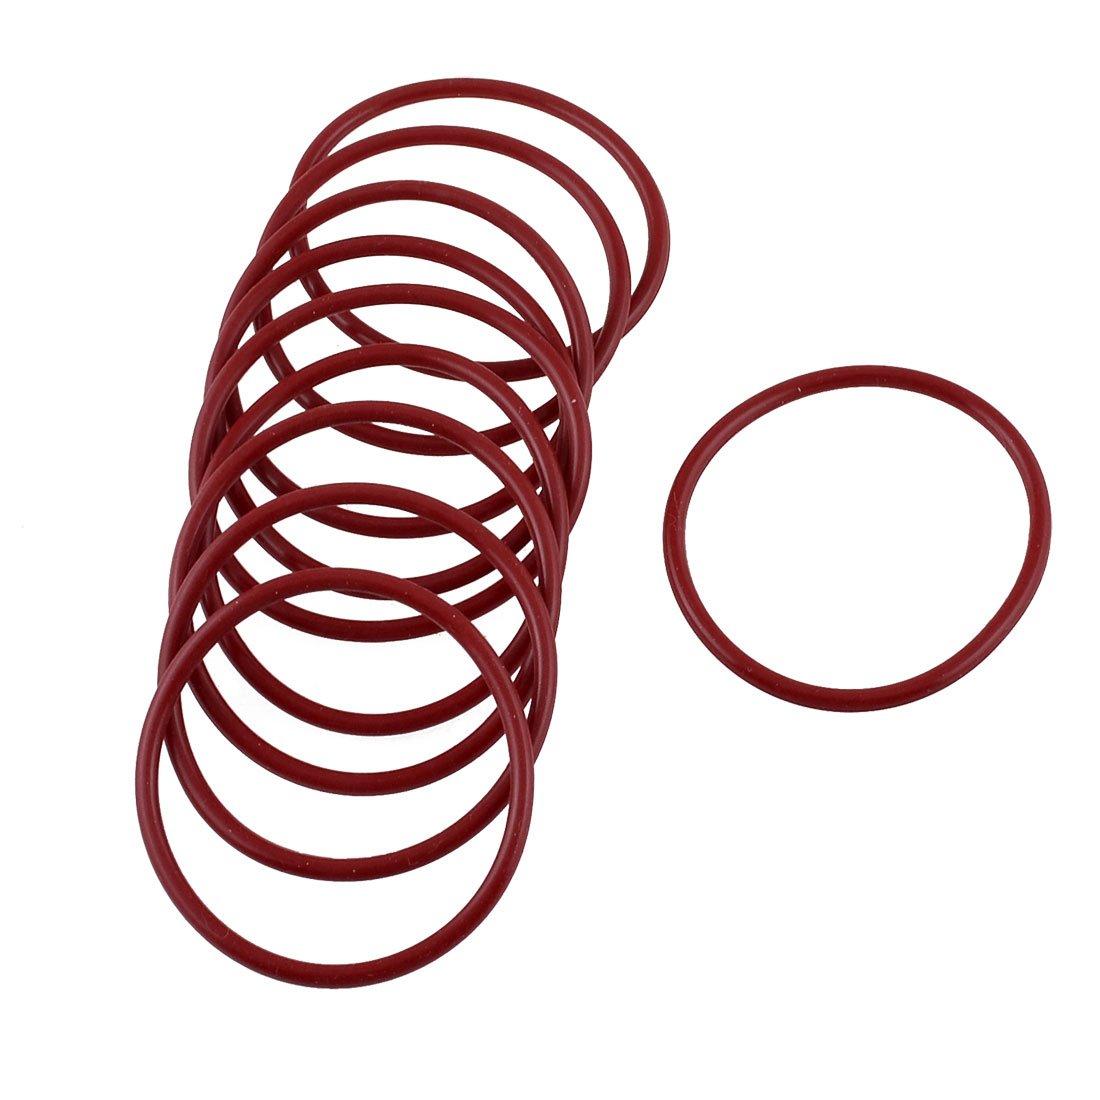 44 x 39 mm x 2,5 mm, colore: rosso in gomma a forma di olio O Rings-Guarnizione da 10 pezzi Sourcingmap a13030700ux0515